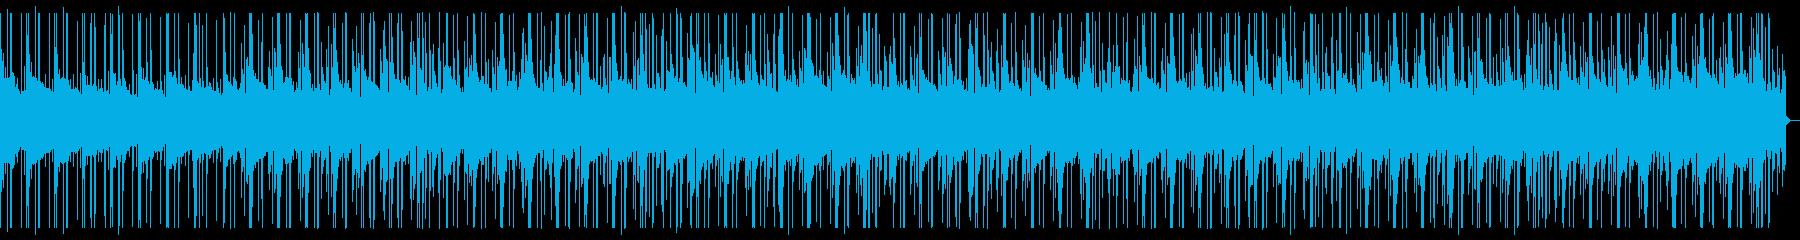 水辺/夜空/R&B_No672_1の再生済みの波形